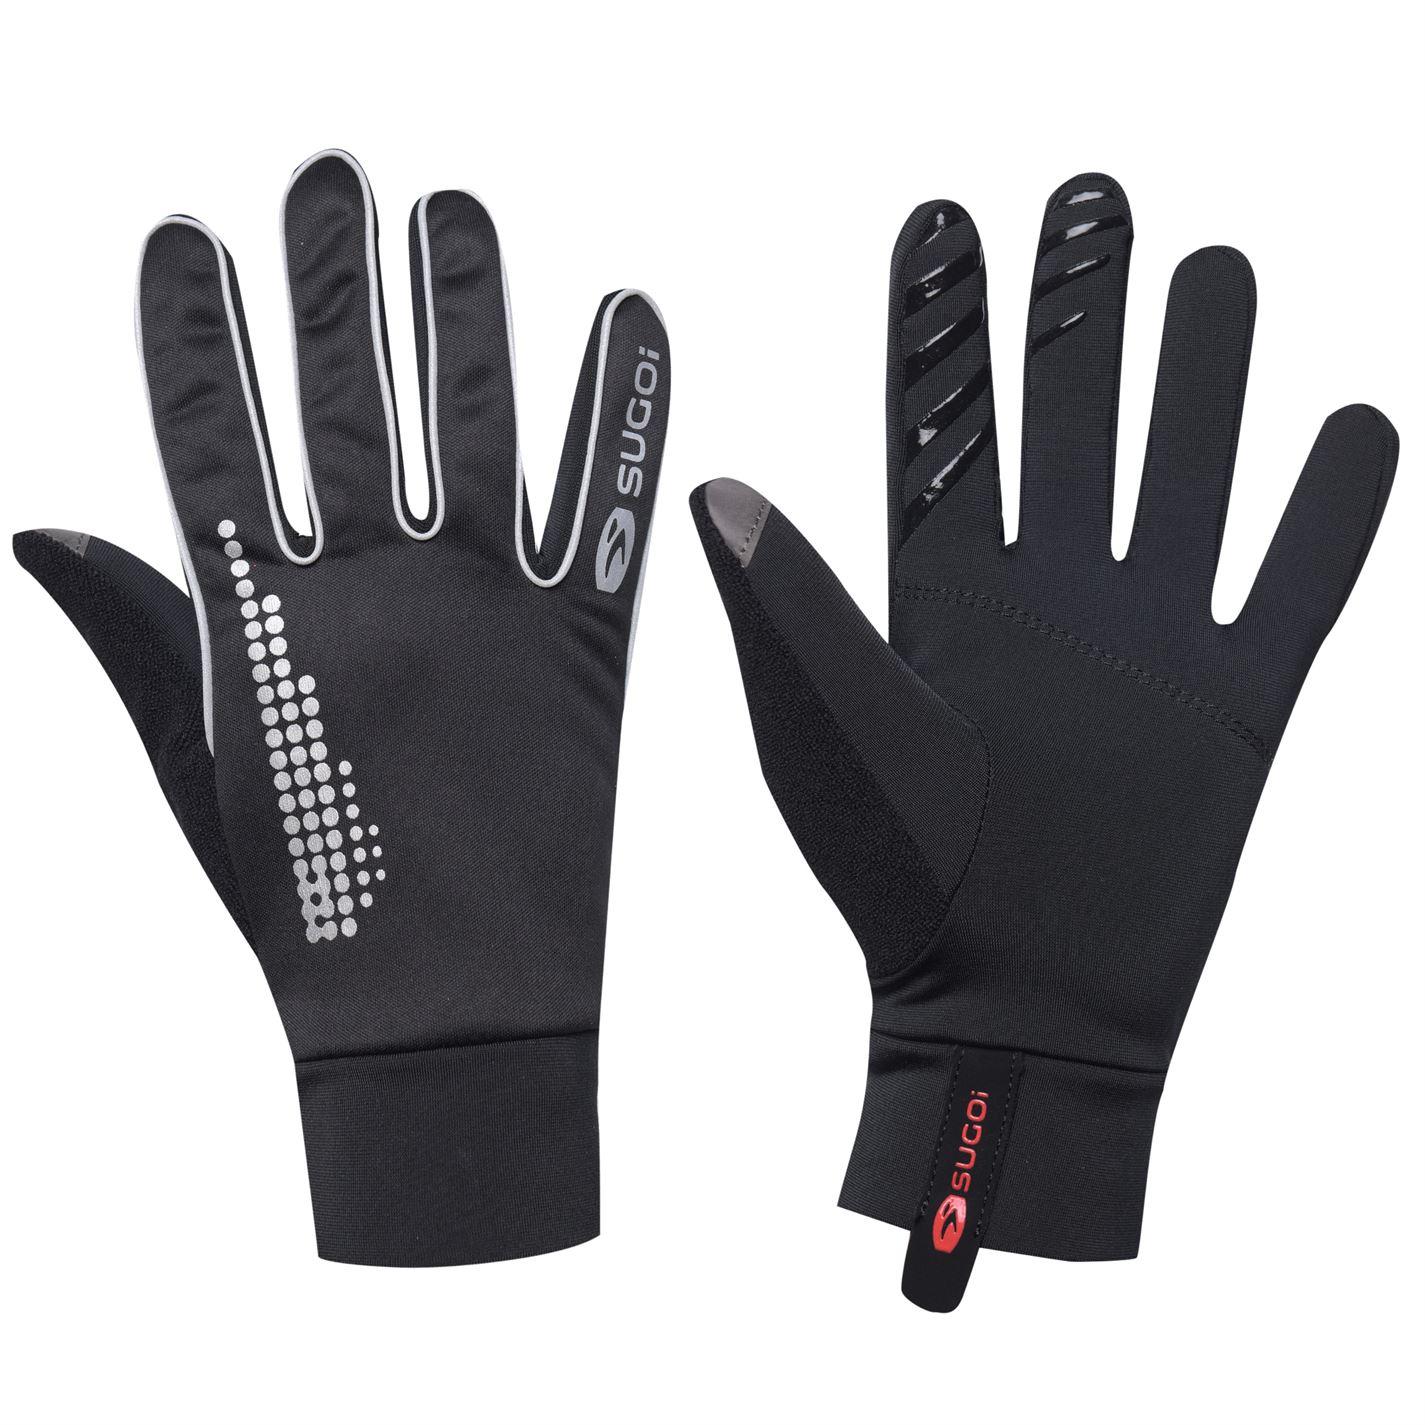 Sugoi Zap Running Gloves